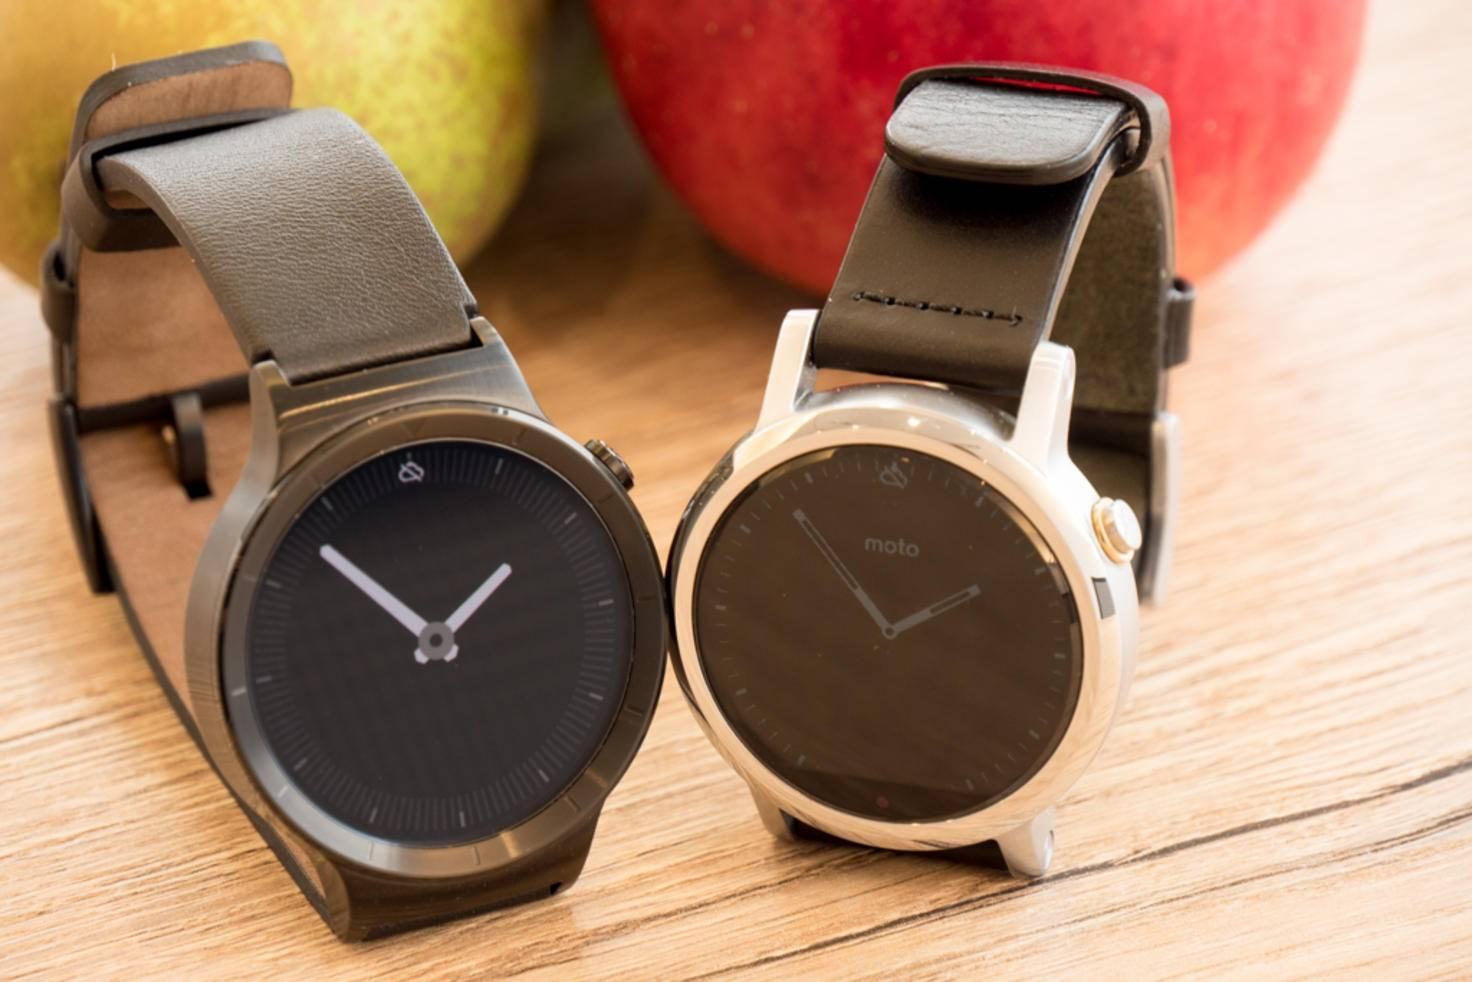 Allerdings bieten die beiden Android Wear-Modelle eine größere Auswahl an Apps.